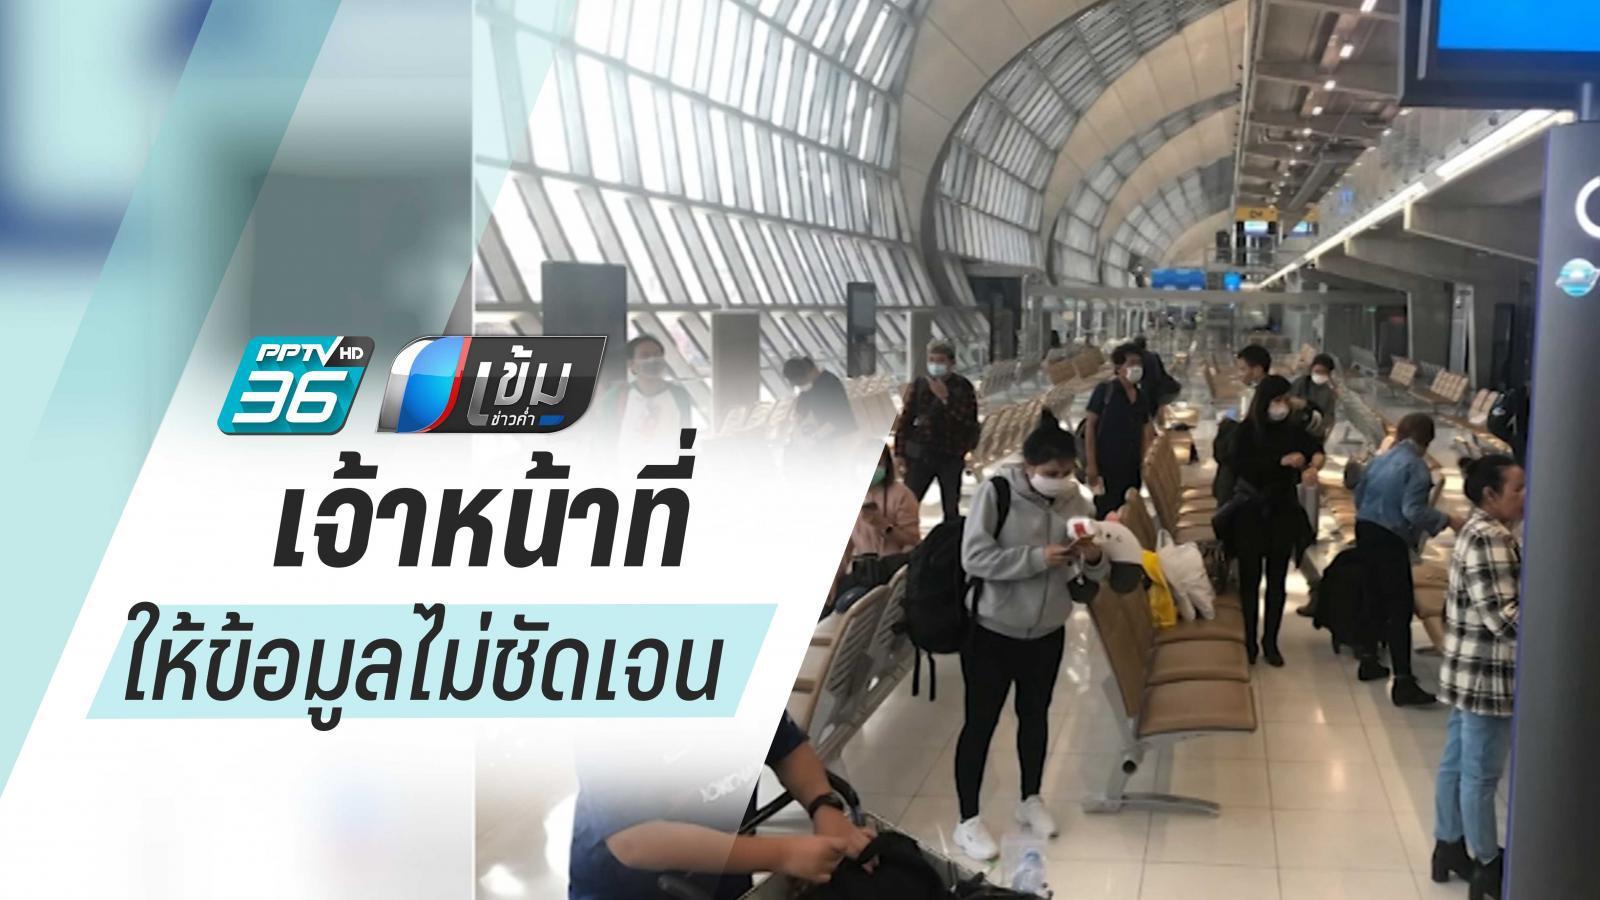 คนไทยกลับจาก ตปท.เผยเจ้าหน้าที่ให้ข้อมูลไม่ชัดเจน